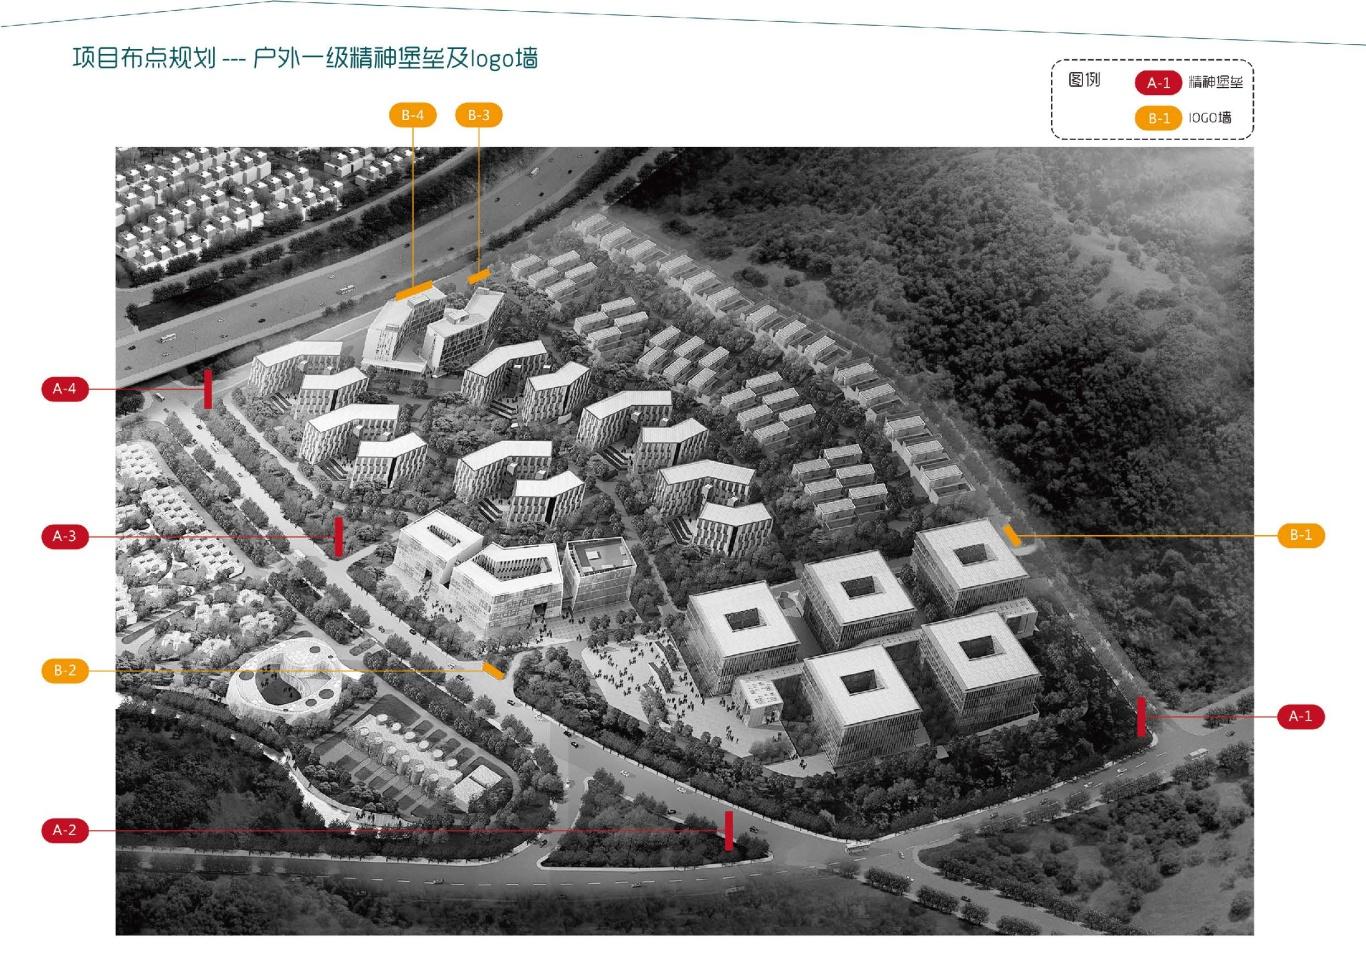 大连泰达慧谷开发区导视系统设计图14